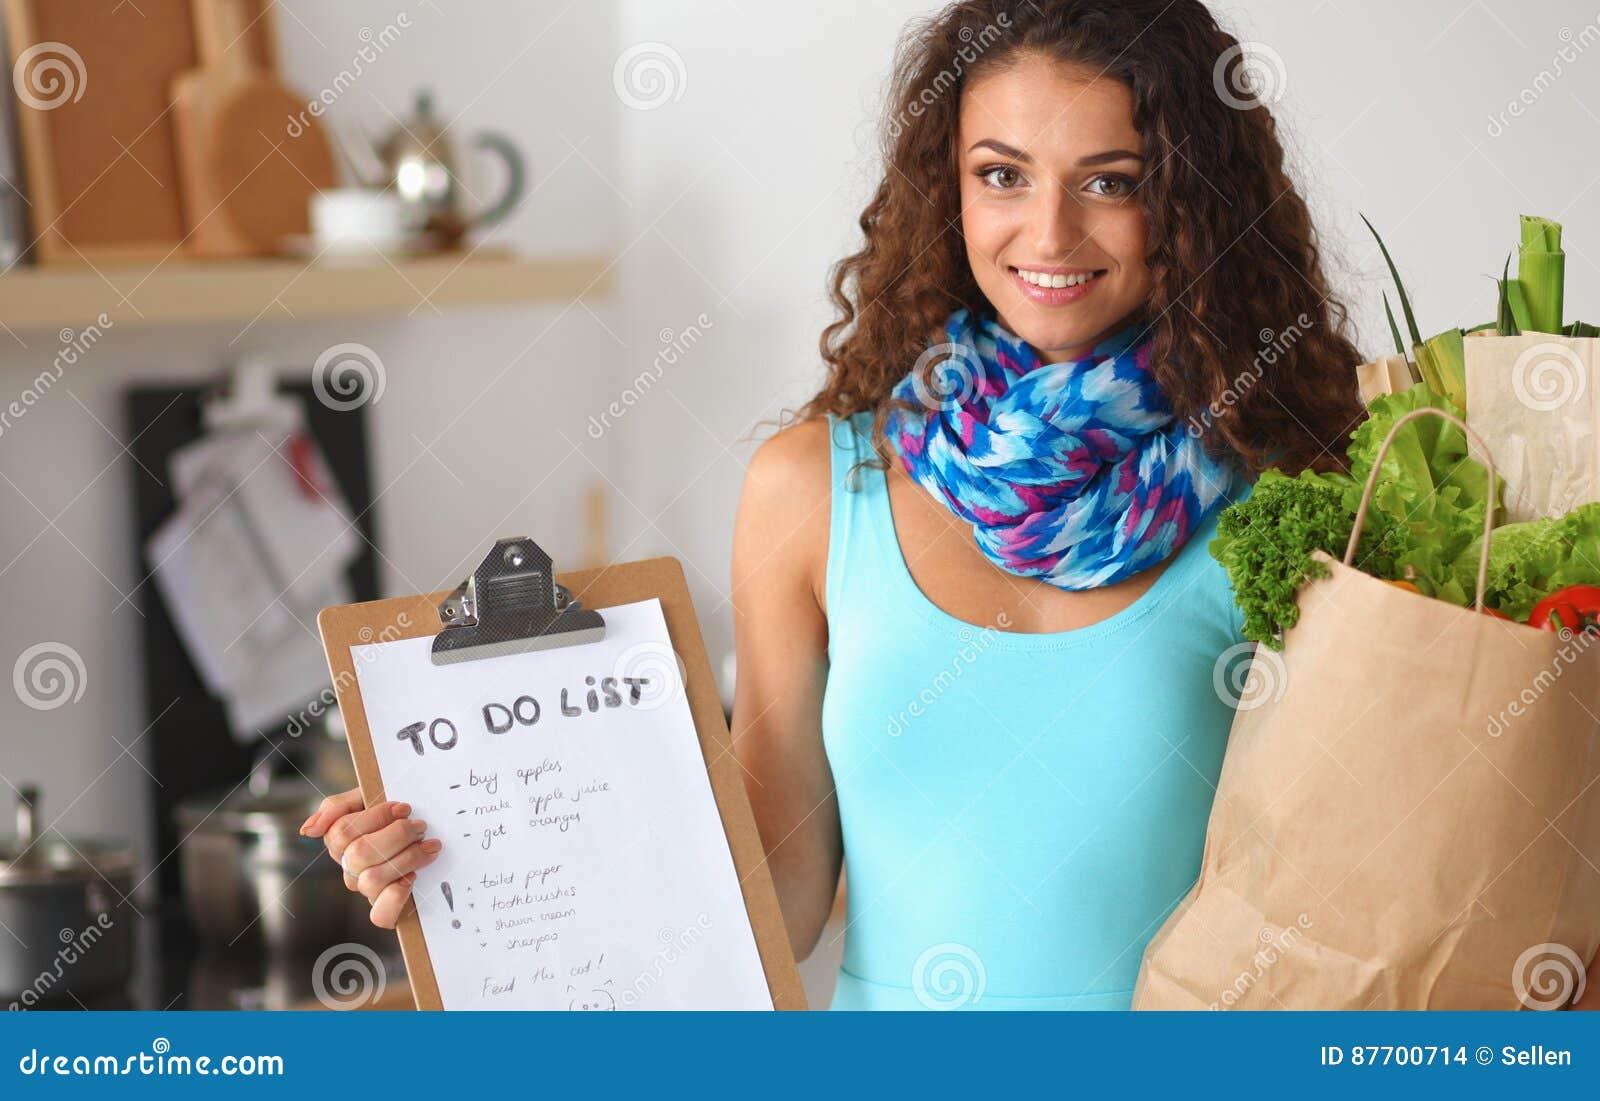 Jeune femme tenant le sac d épicerie avec des légumes se tenant dans la cuisine